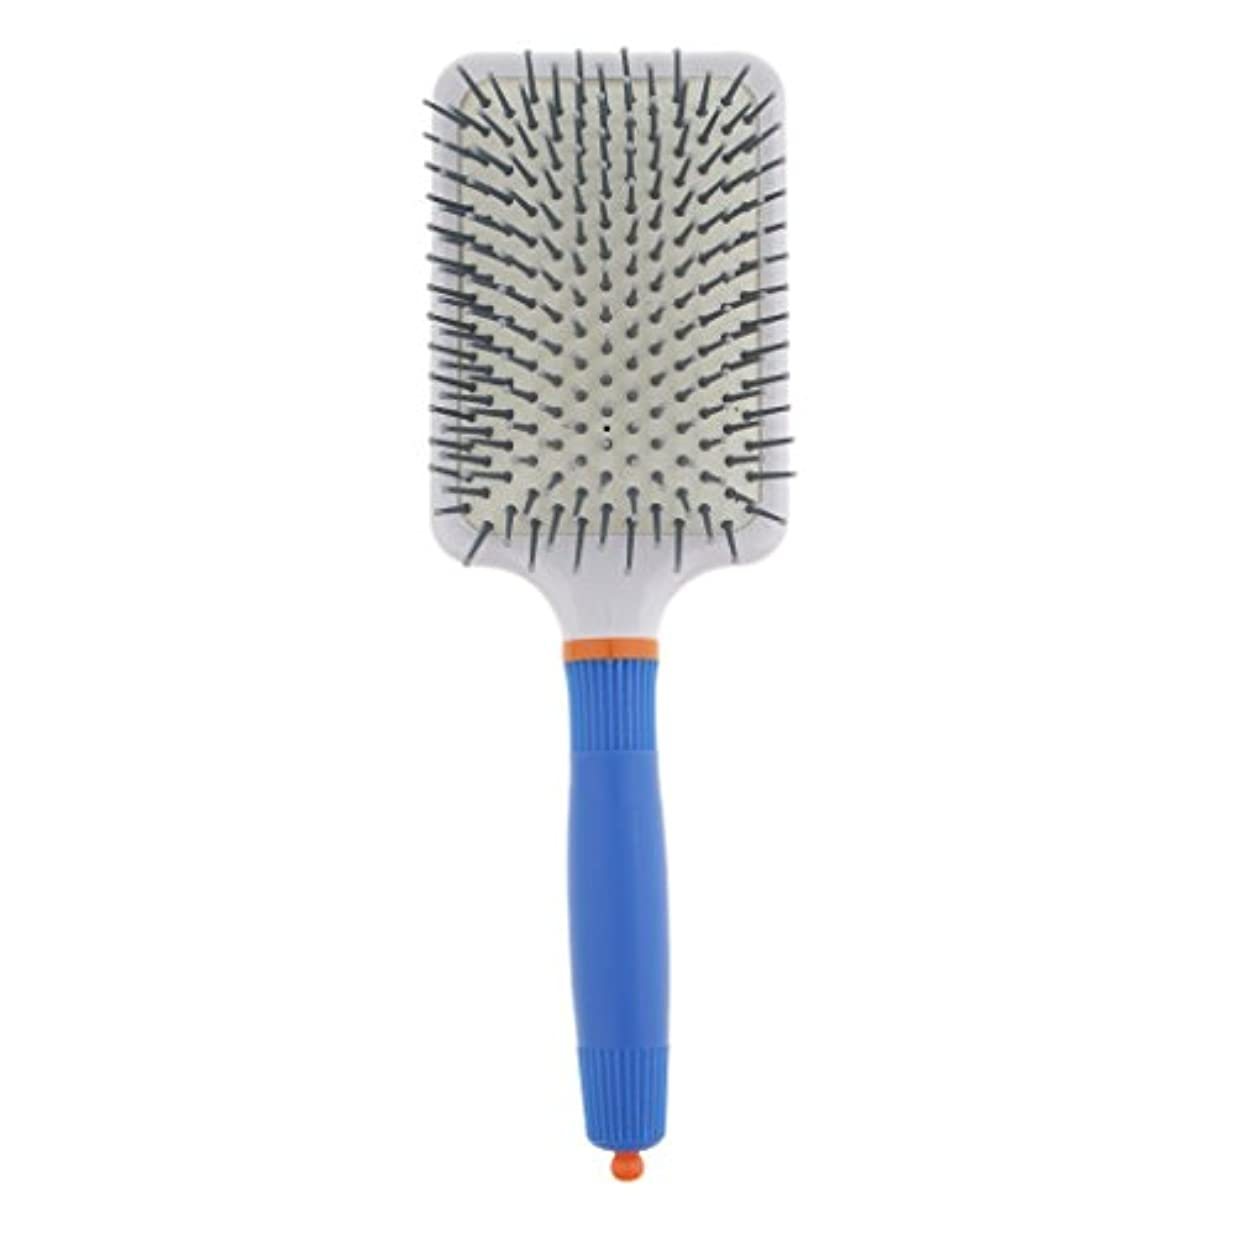 盗賊女王降雨プラスチック製 ブラシ 頭皮マッサージブラシ フラットヘアブラシ 櫛 静電気防止 全2色 - ダークブルー